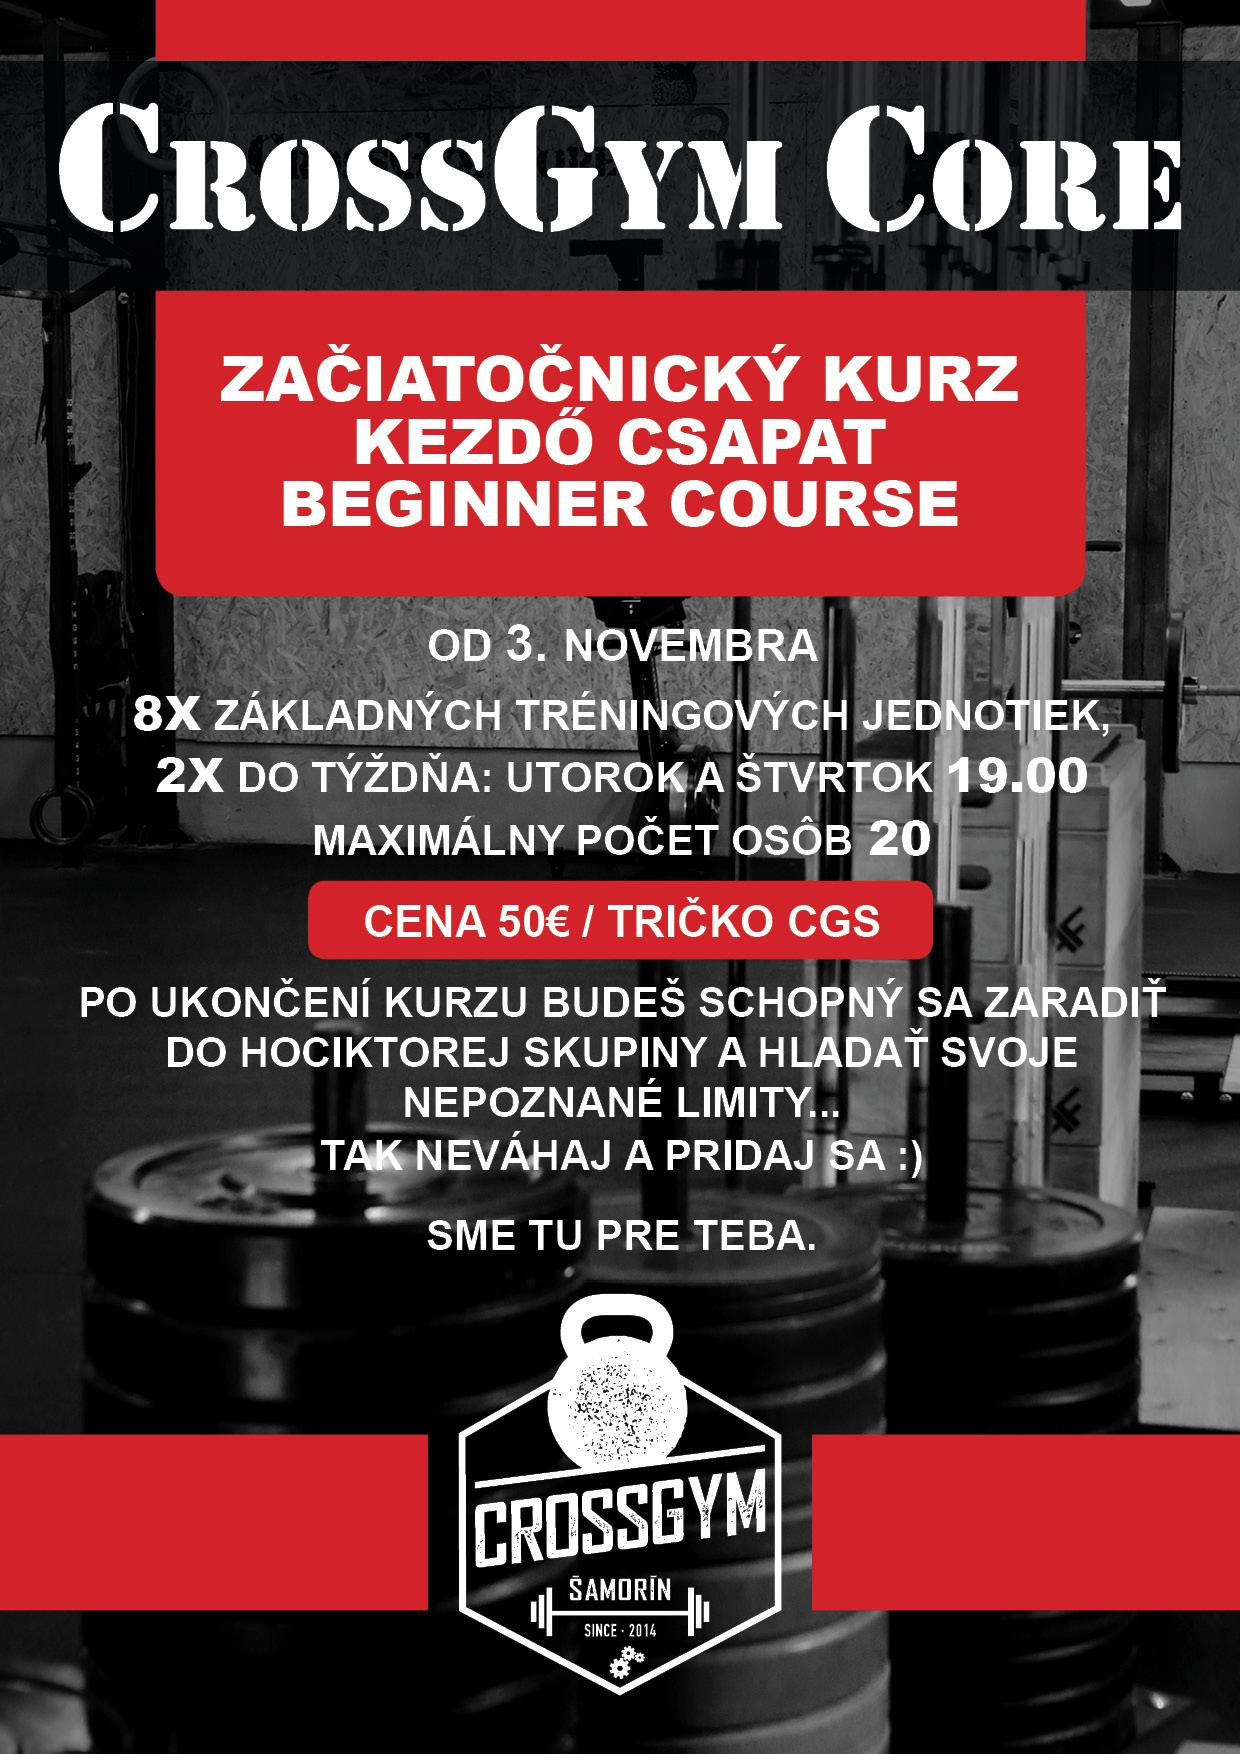 zaciatocnicky kurz_2020.9.9